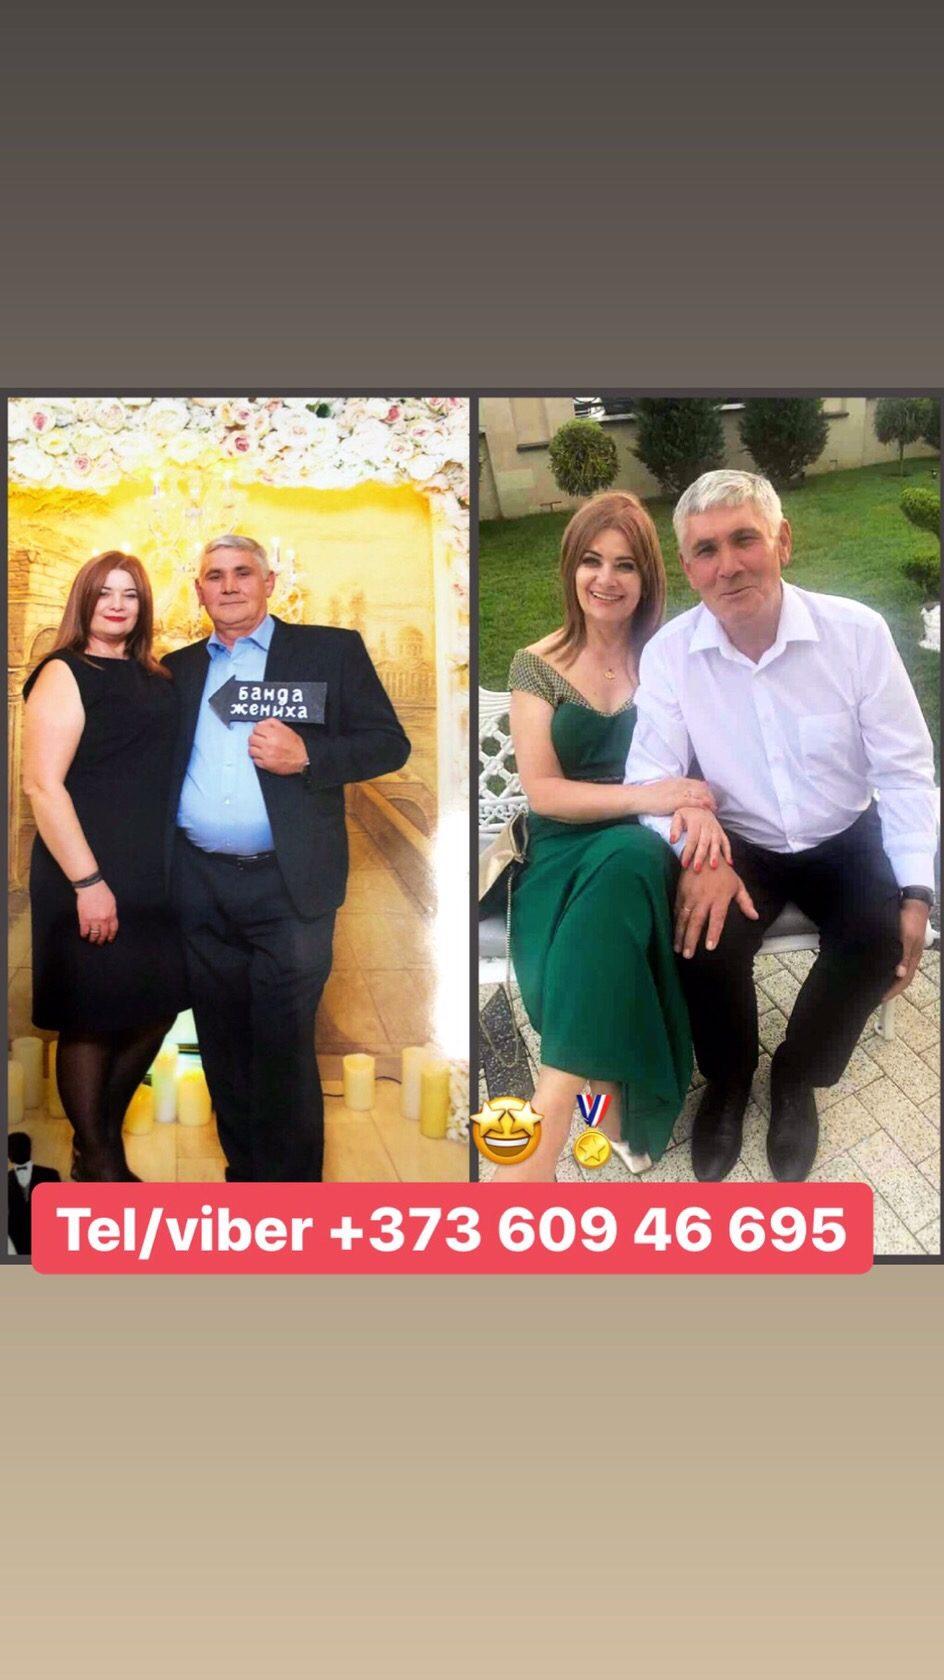 tbol ajuta la pierderea grasimilor